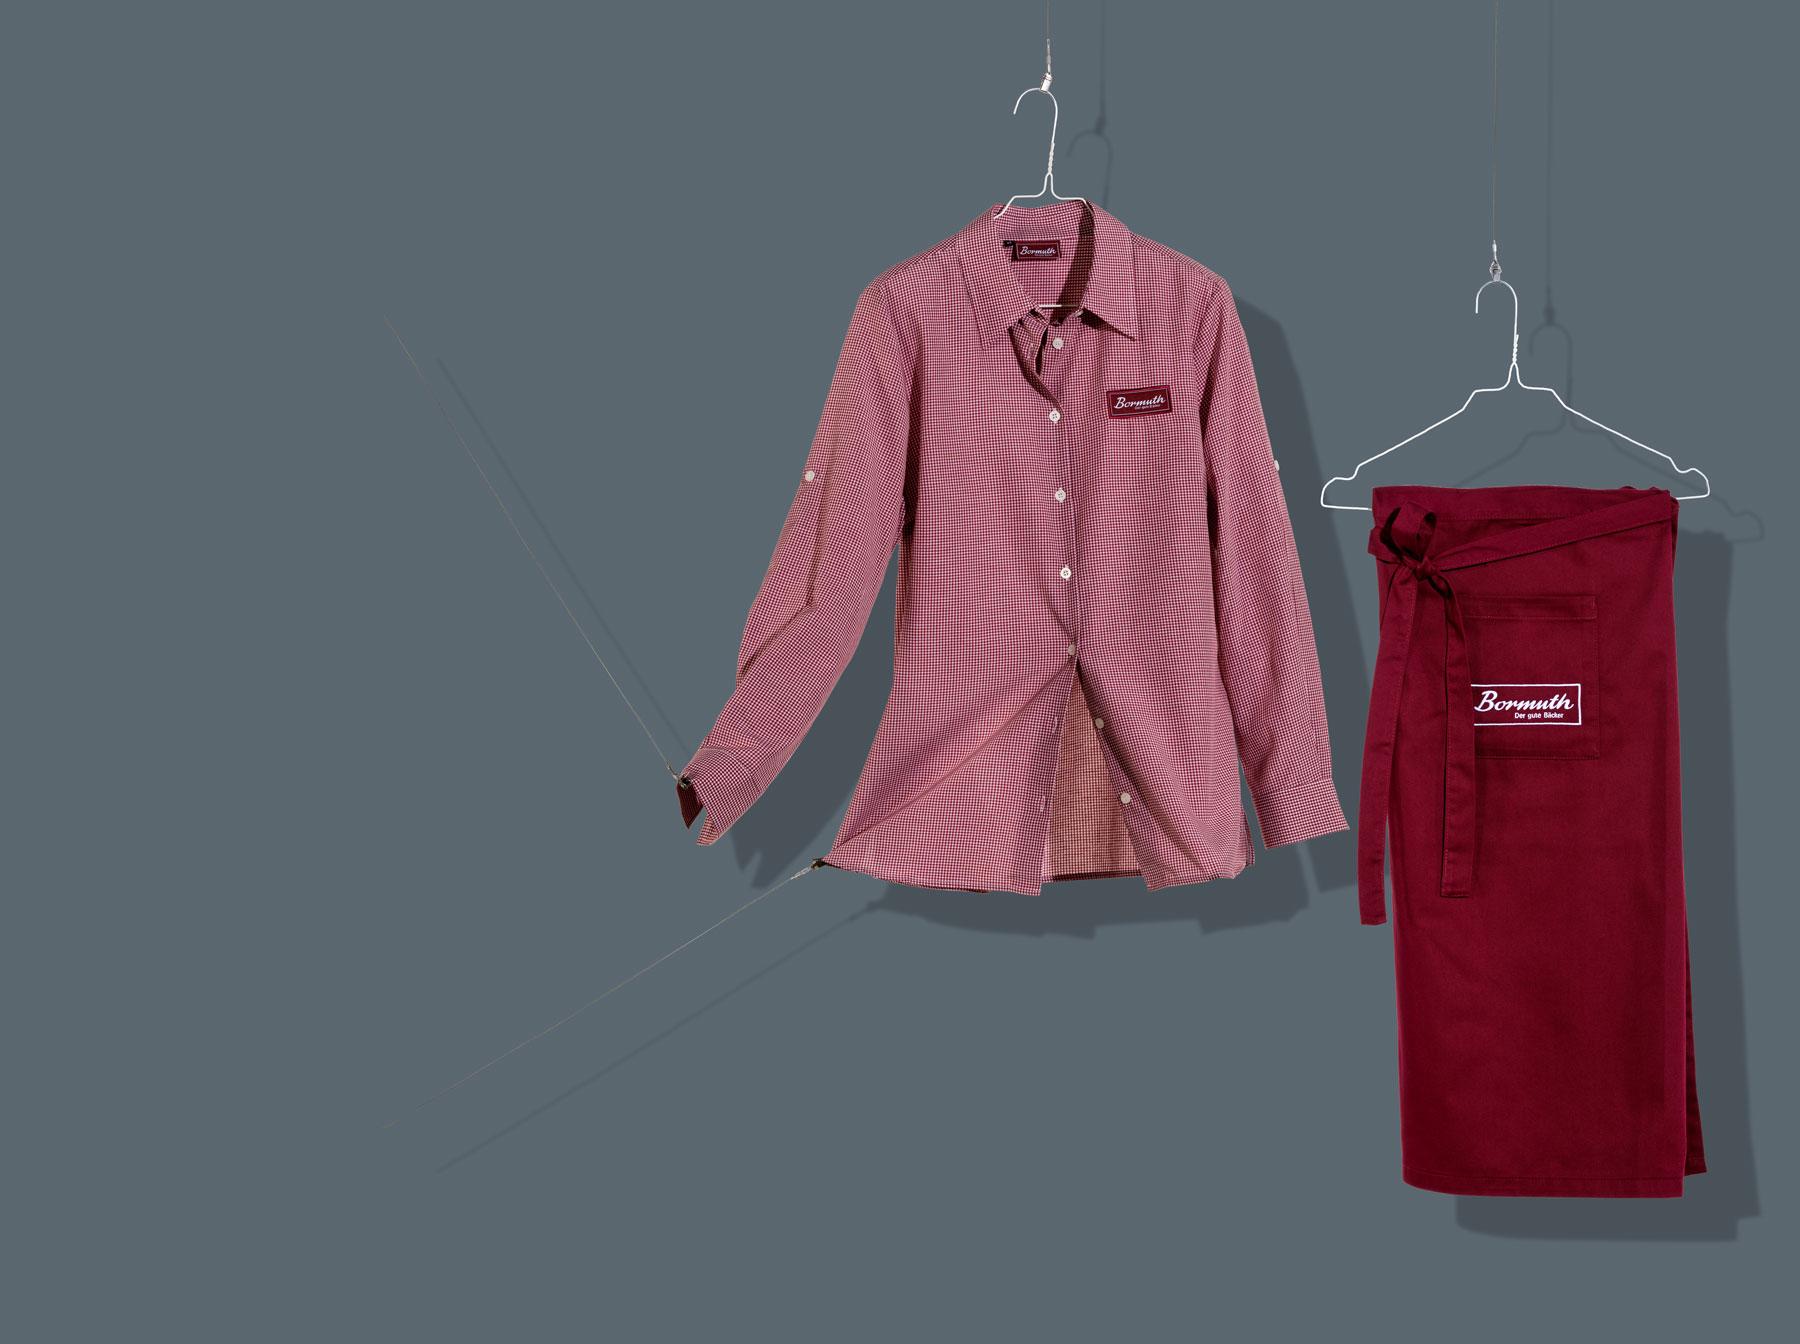 Rotes Hemd und Schürze für die Service Mitarbeiter in der Bäckerei